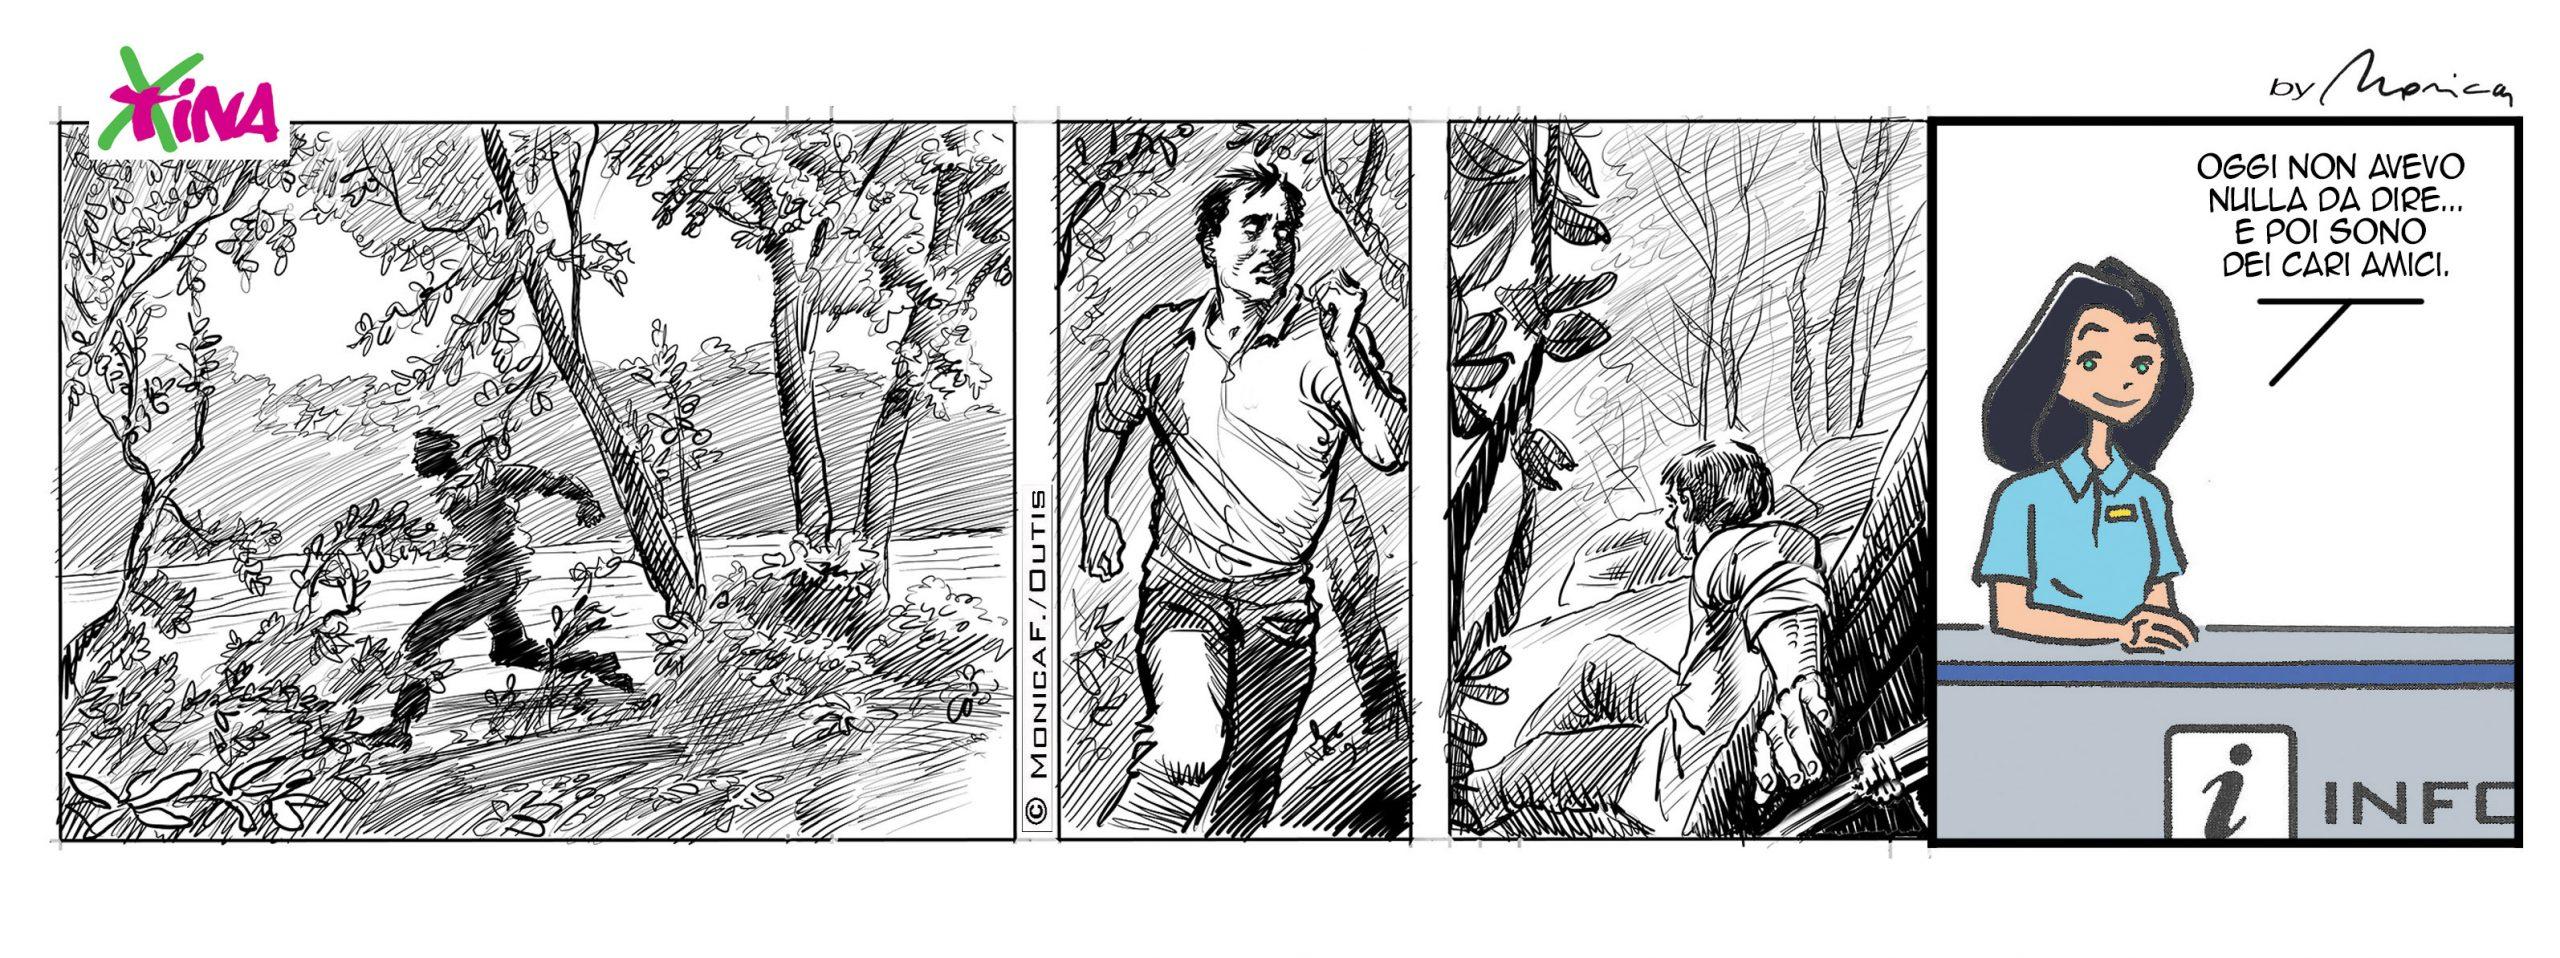 Xtina comic strip for rent